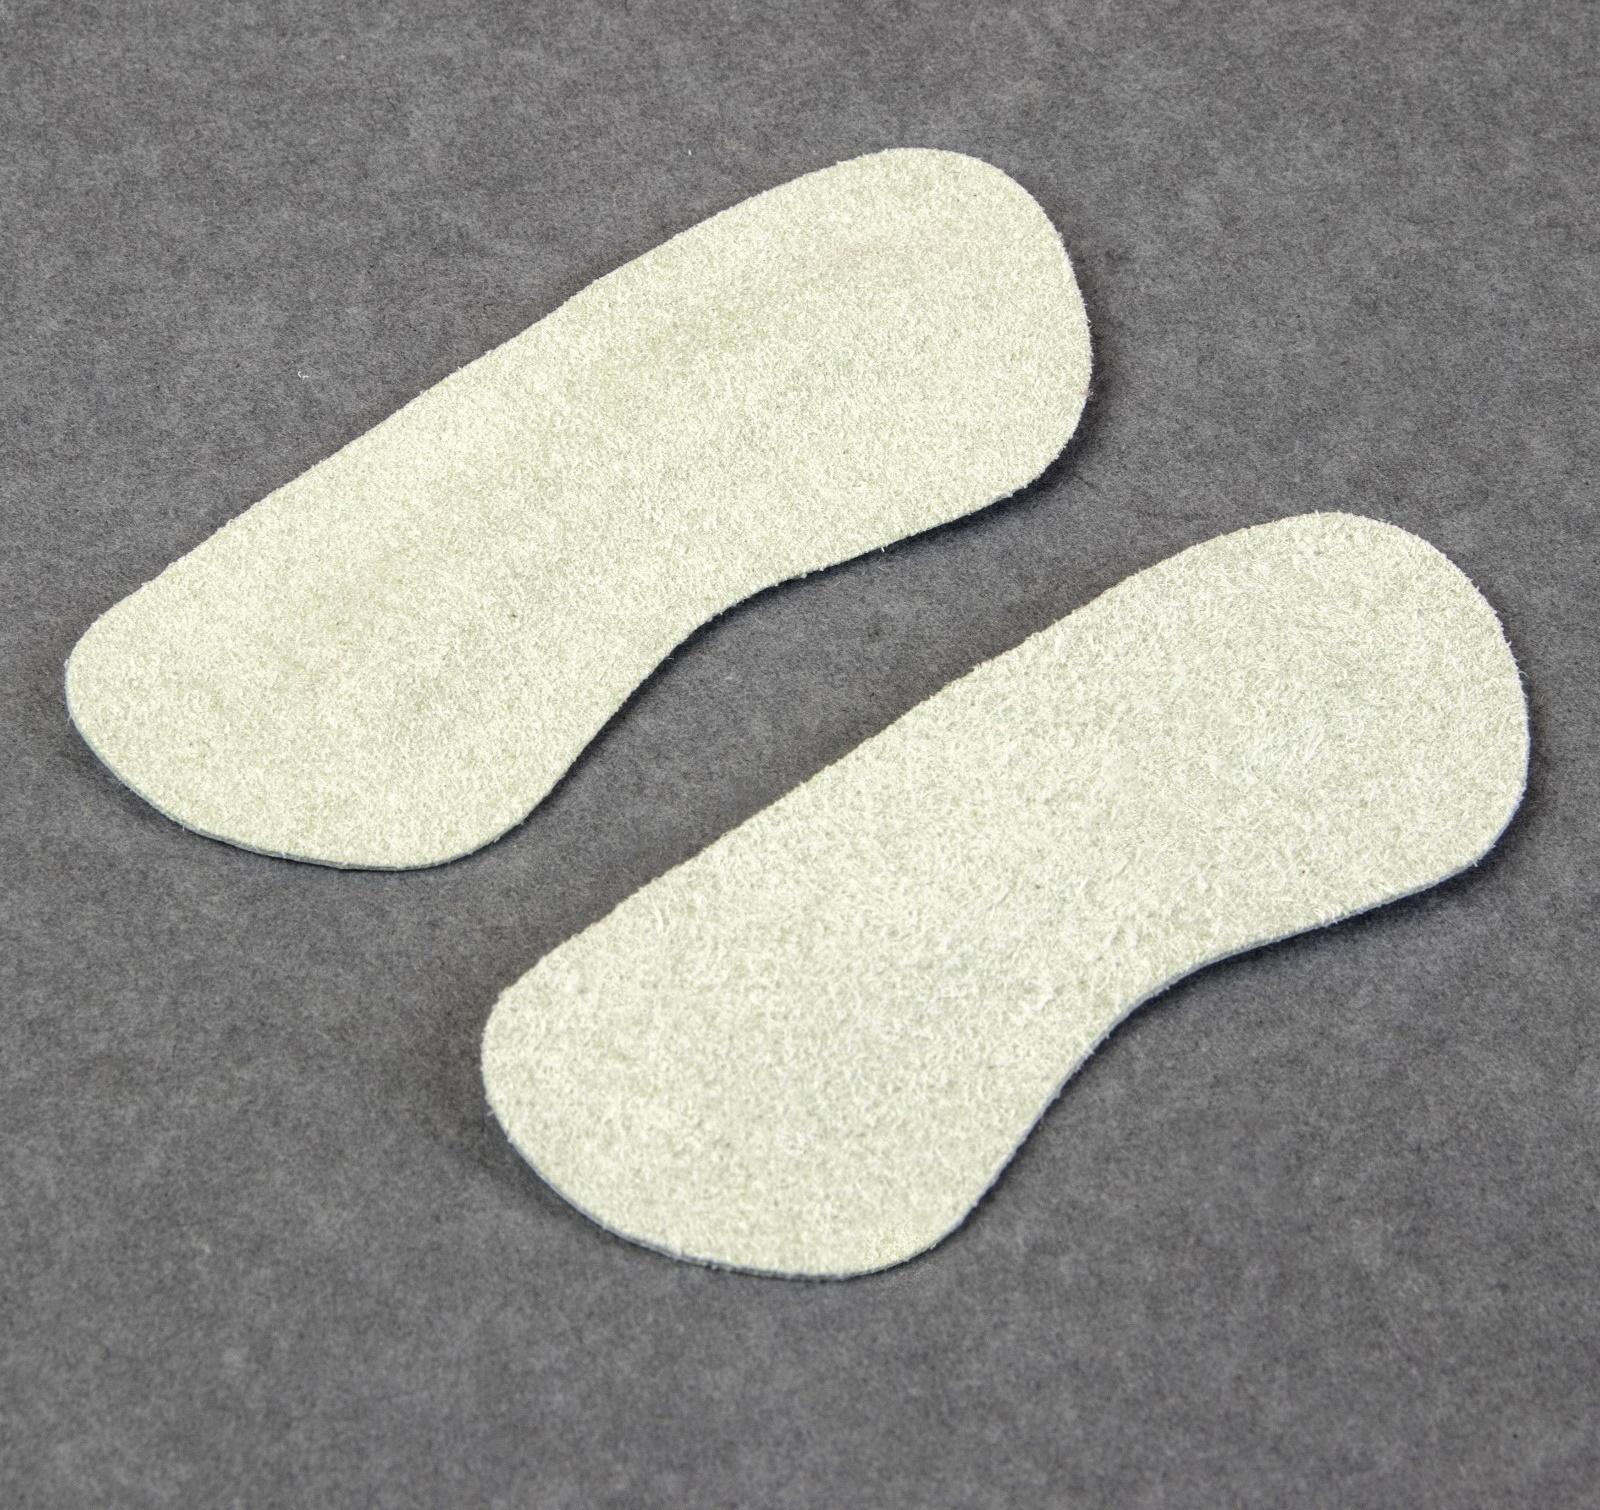 Пяткоудерживатели для обуви, на клеевой основе, пара, цвет серый